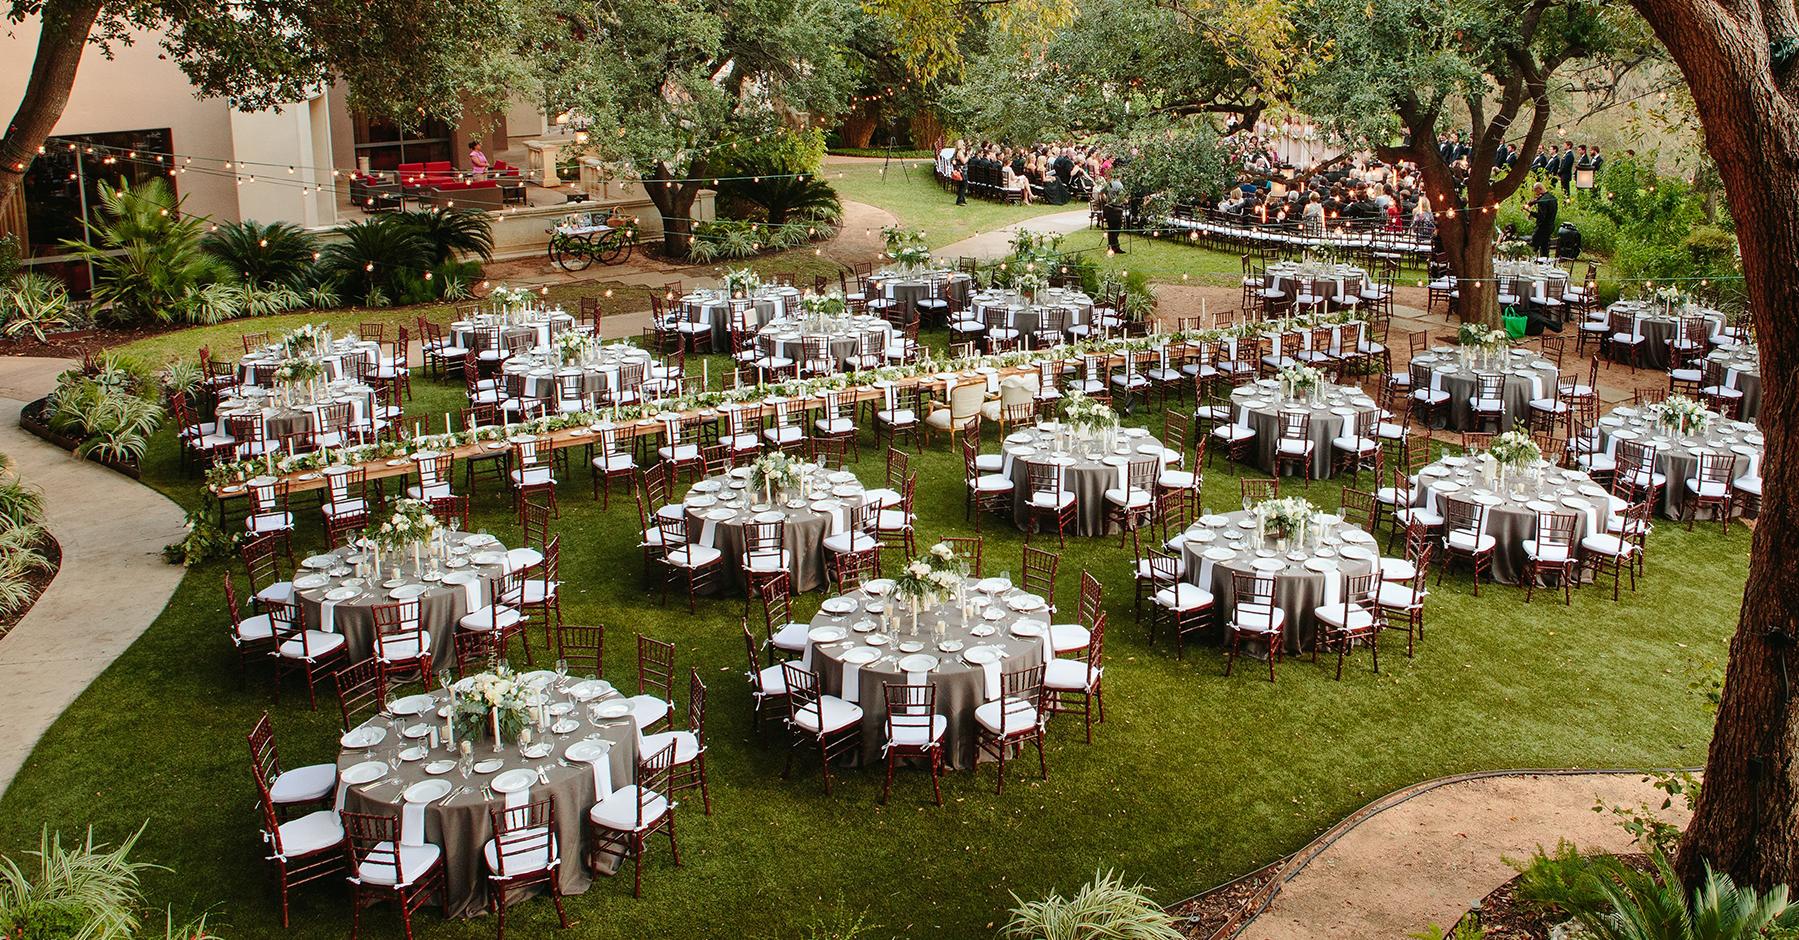 Outdoor Wedding Necessities: How To Have An Outdoor Wedding